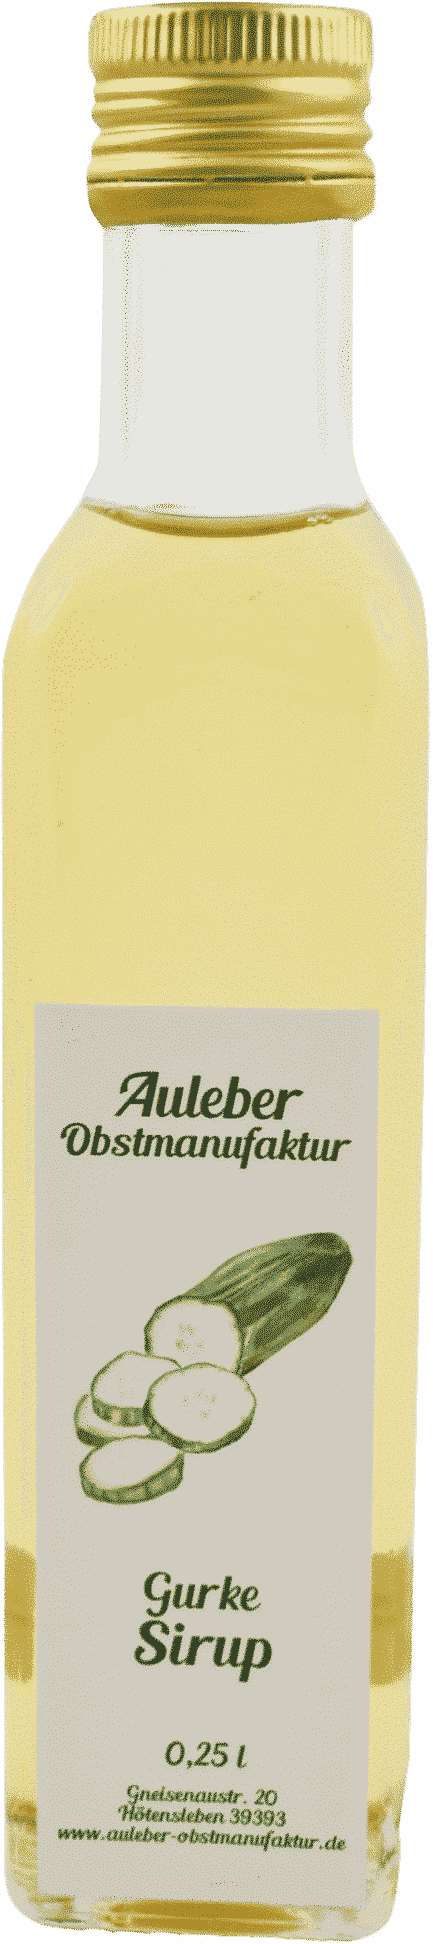 Gurkensirup von Auleber Obstmanufaktur